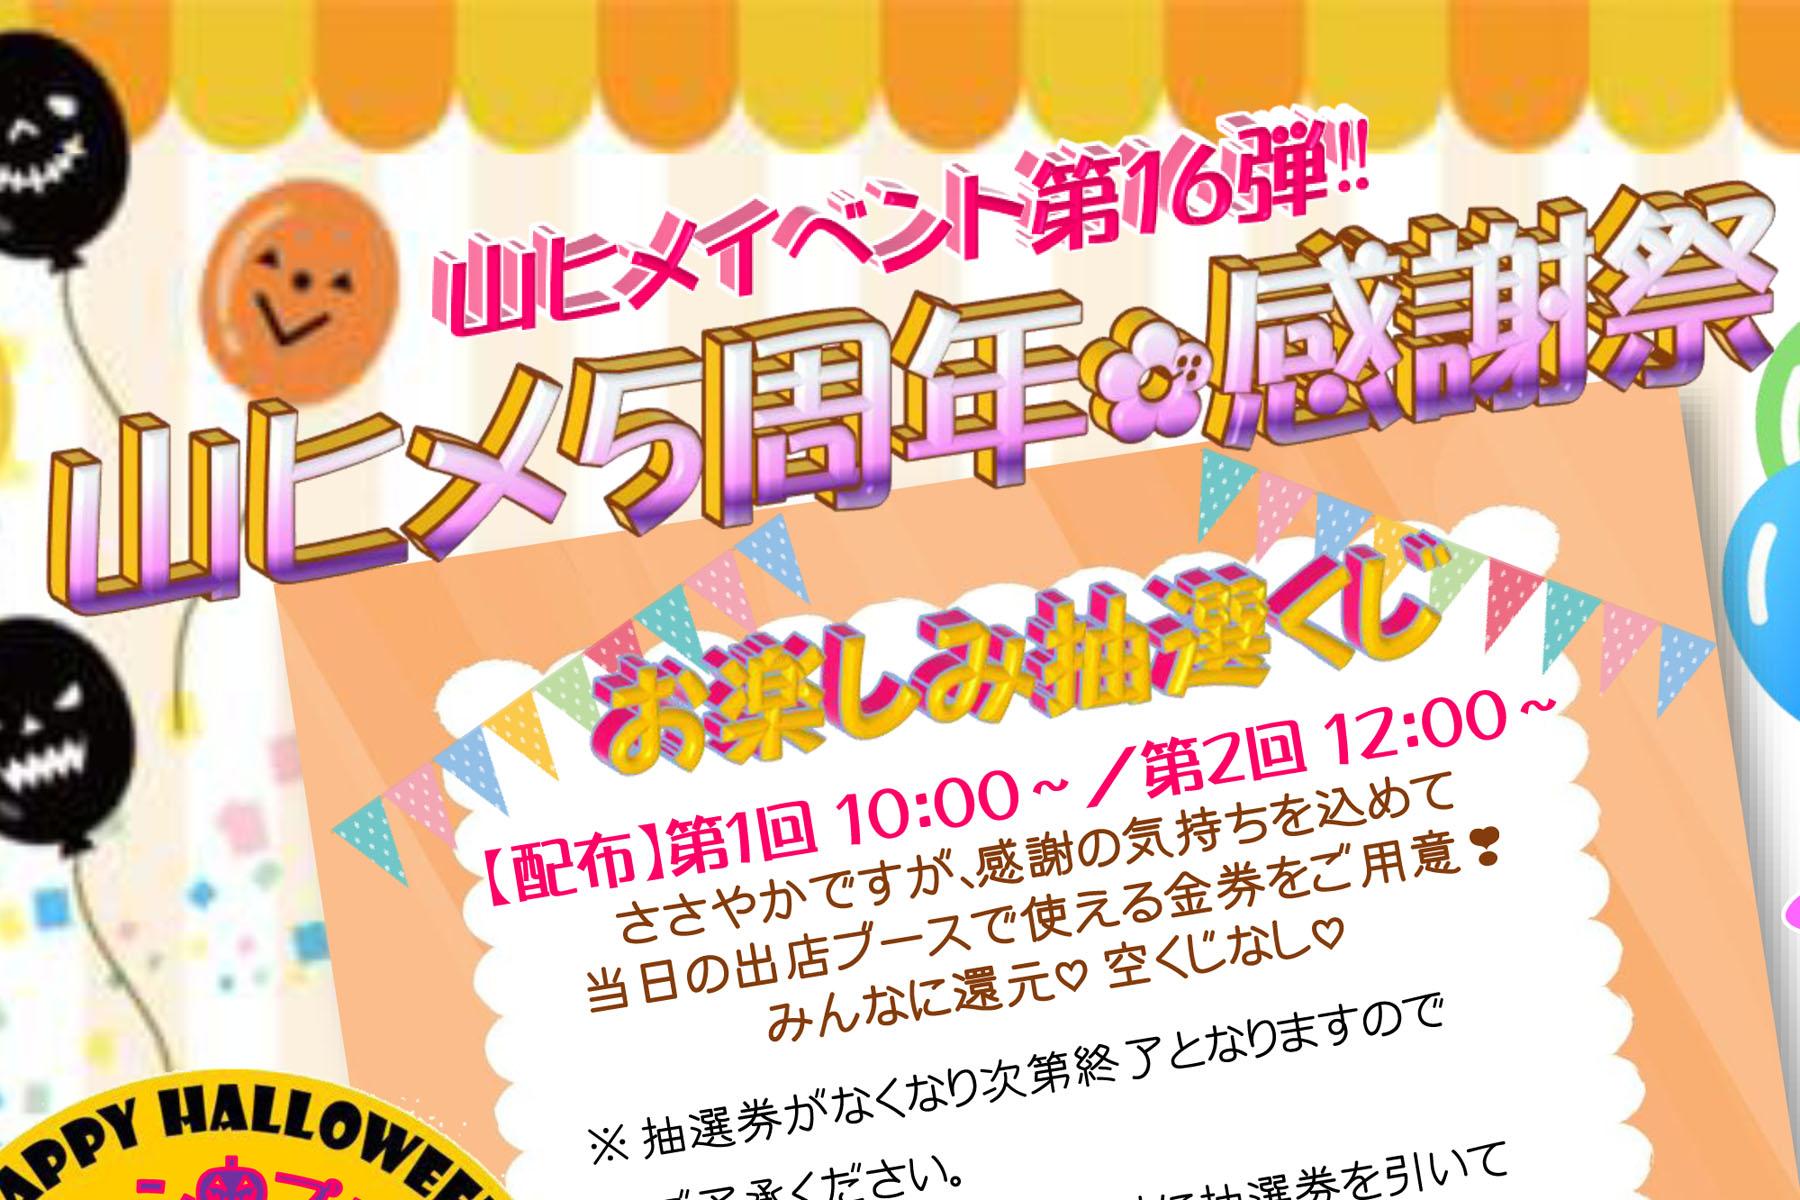 10月17日(日)山ヒメ5周年 ✿ 感謝祭 in 山口県